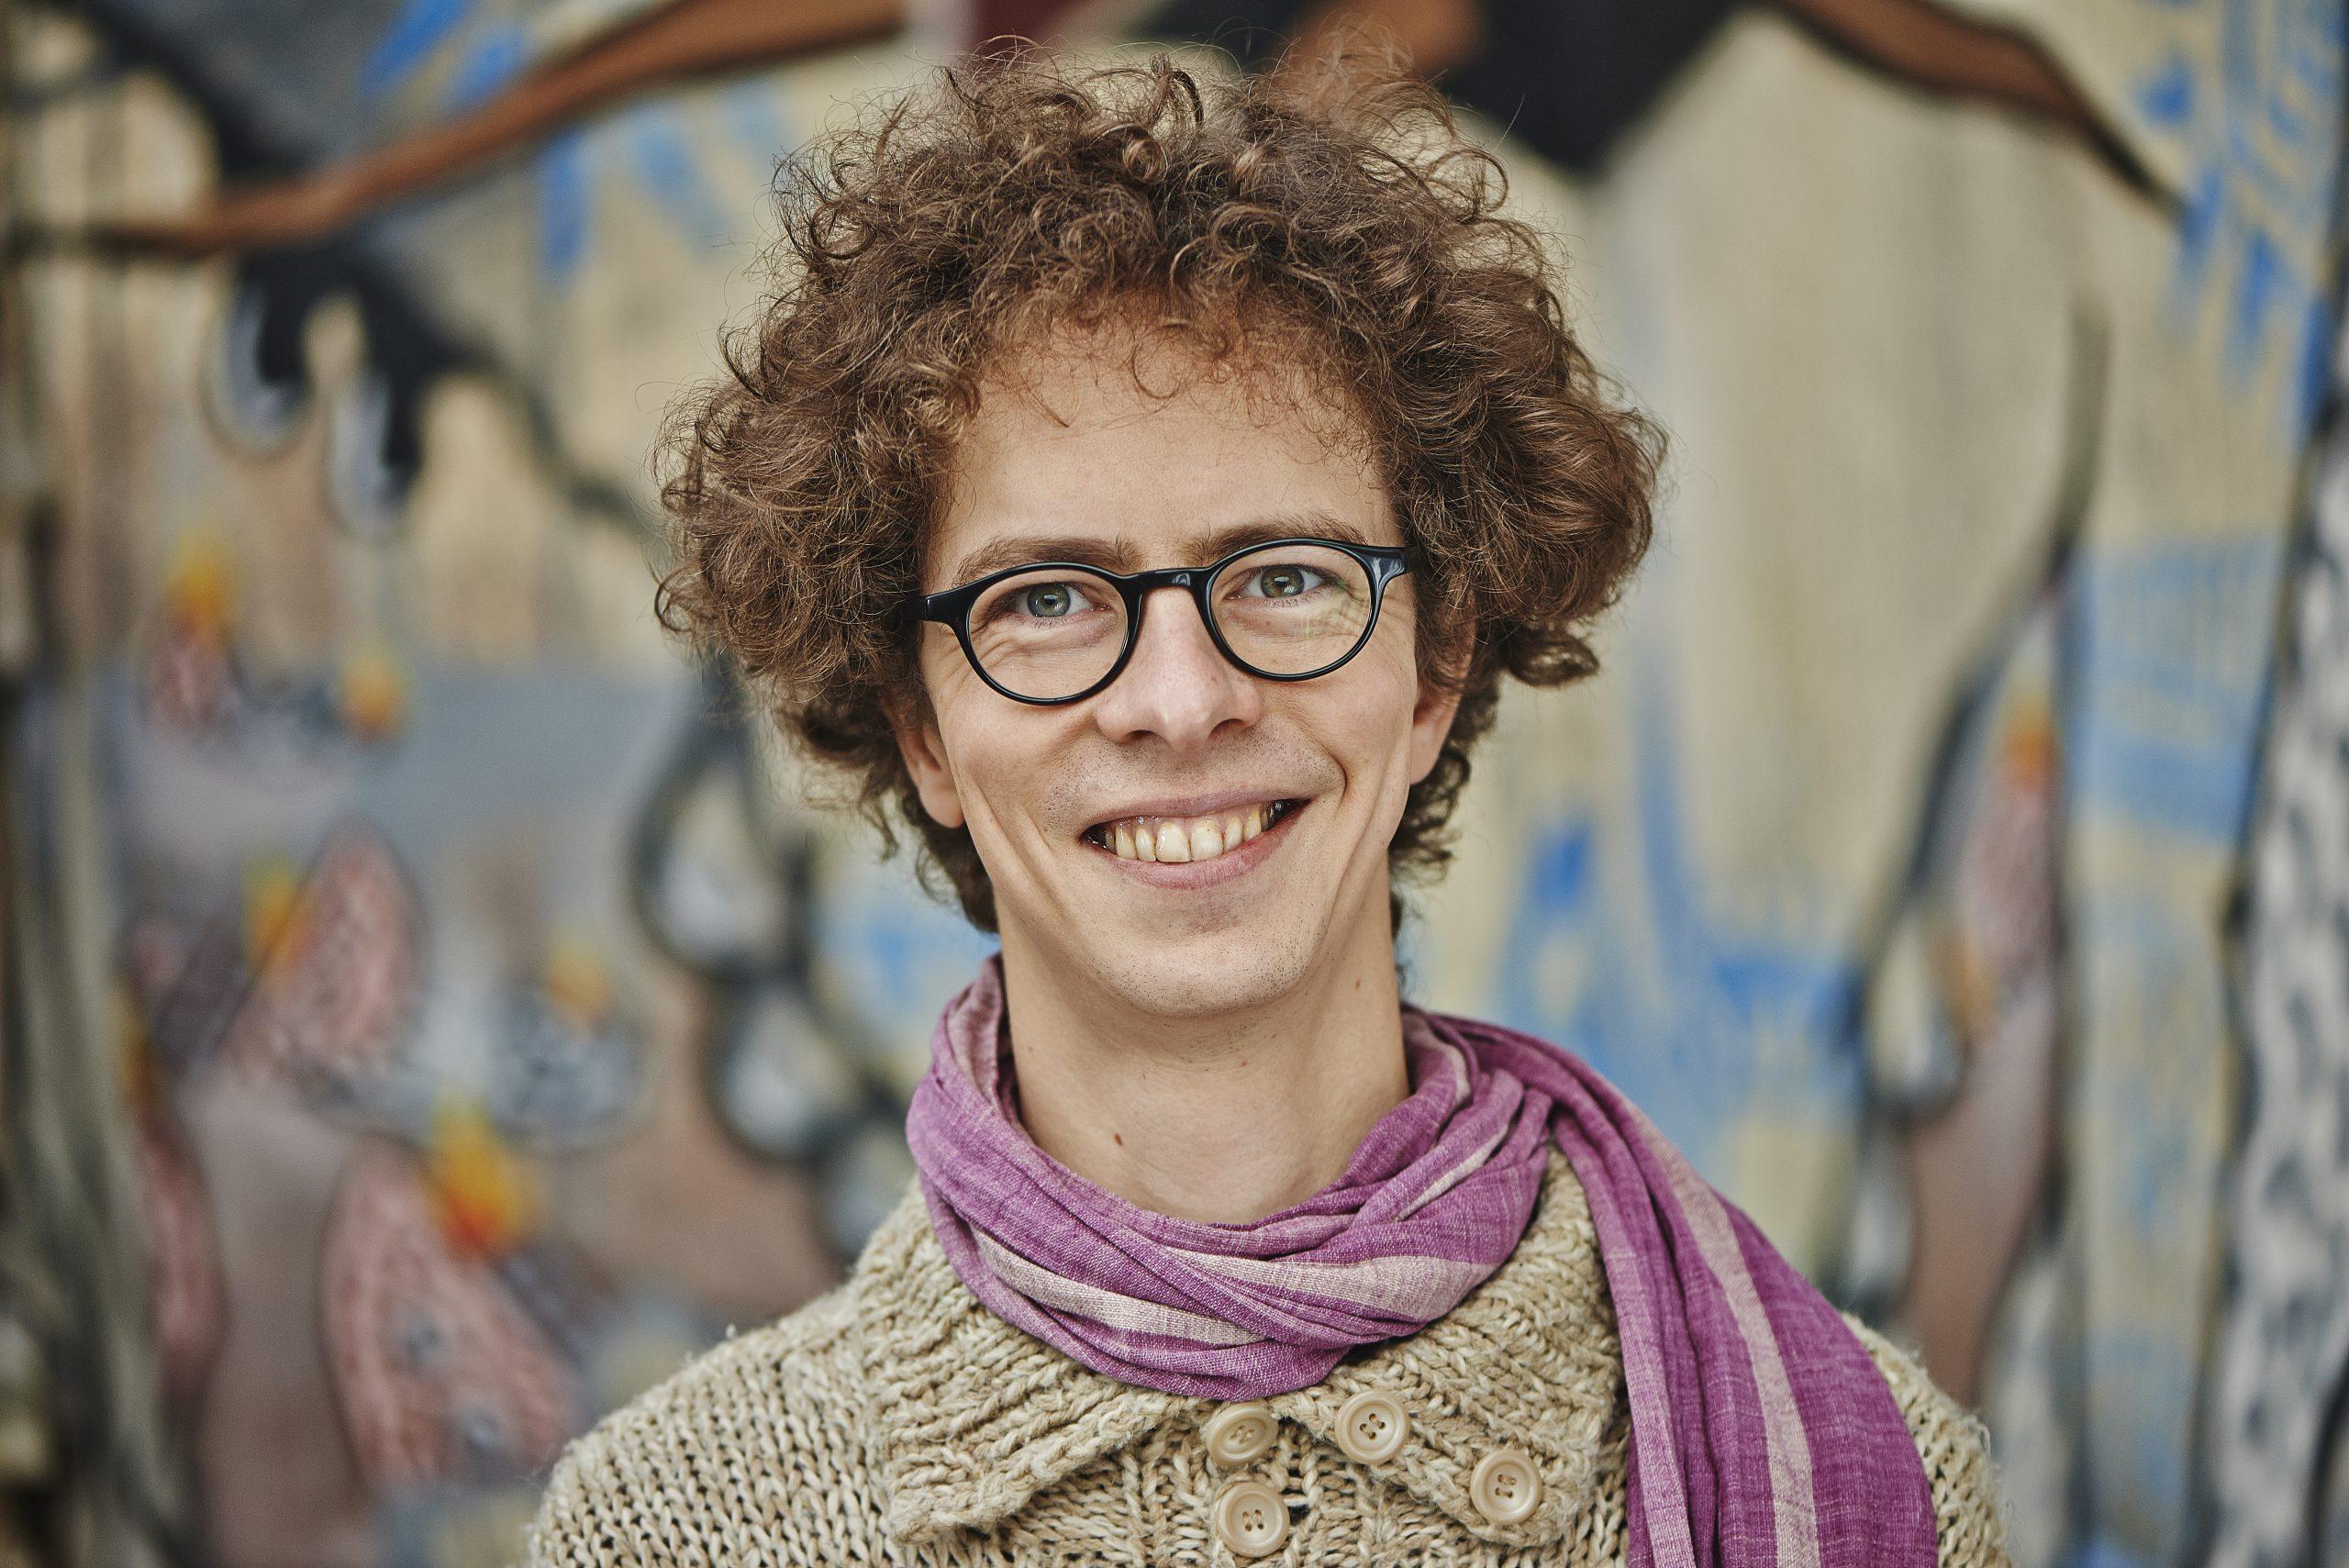 Portraitfoto eines jungen Mannes mit braunen lockigen Haaren. Er schaut lachend in die Kamera.